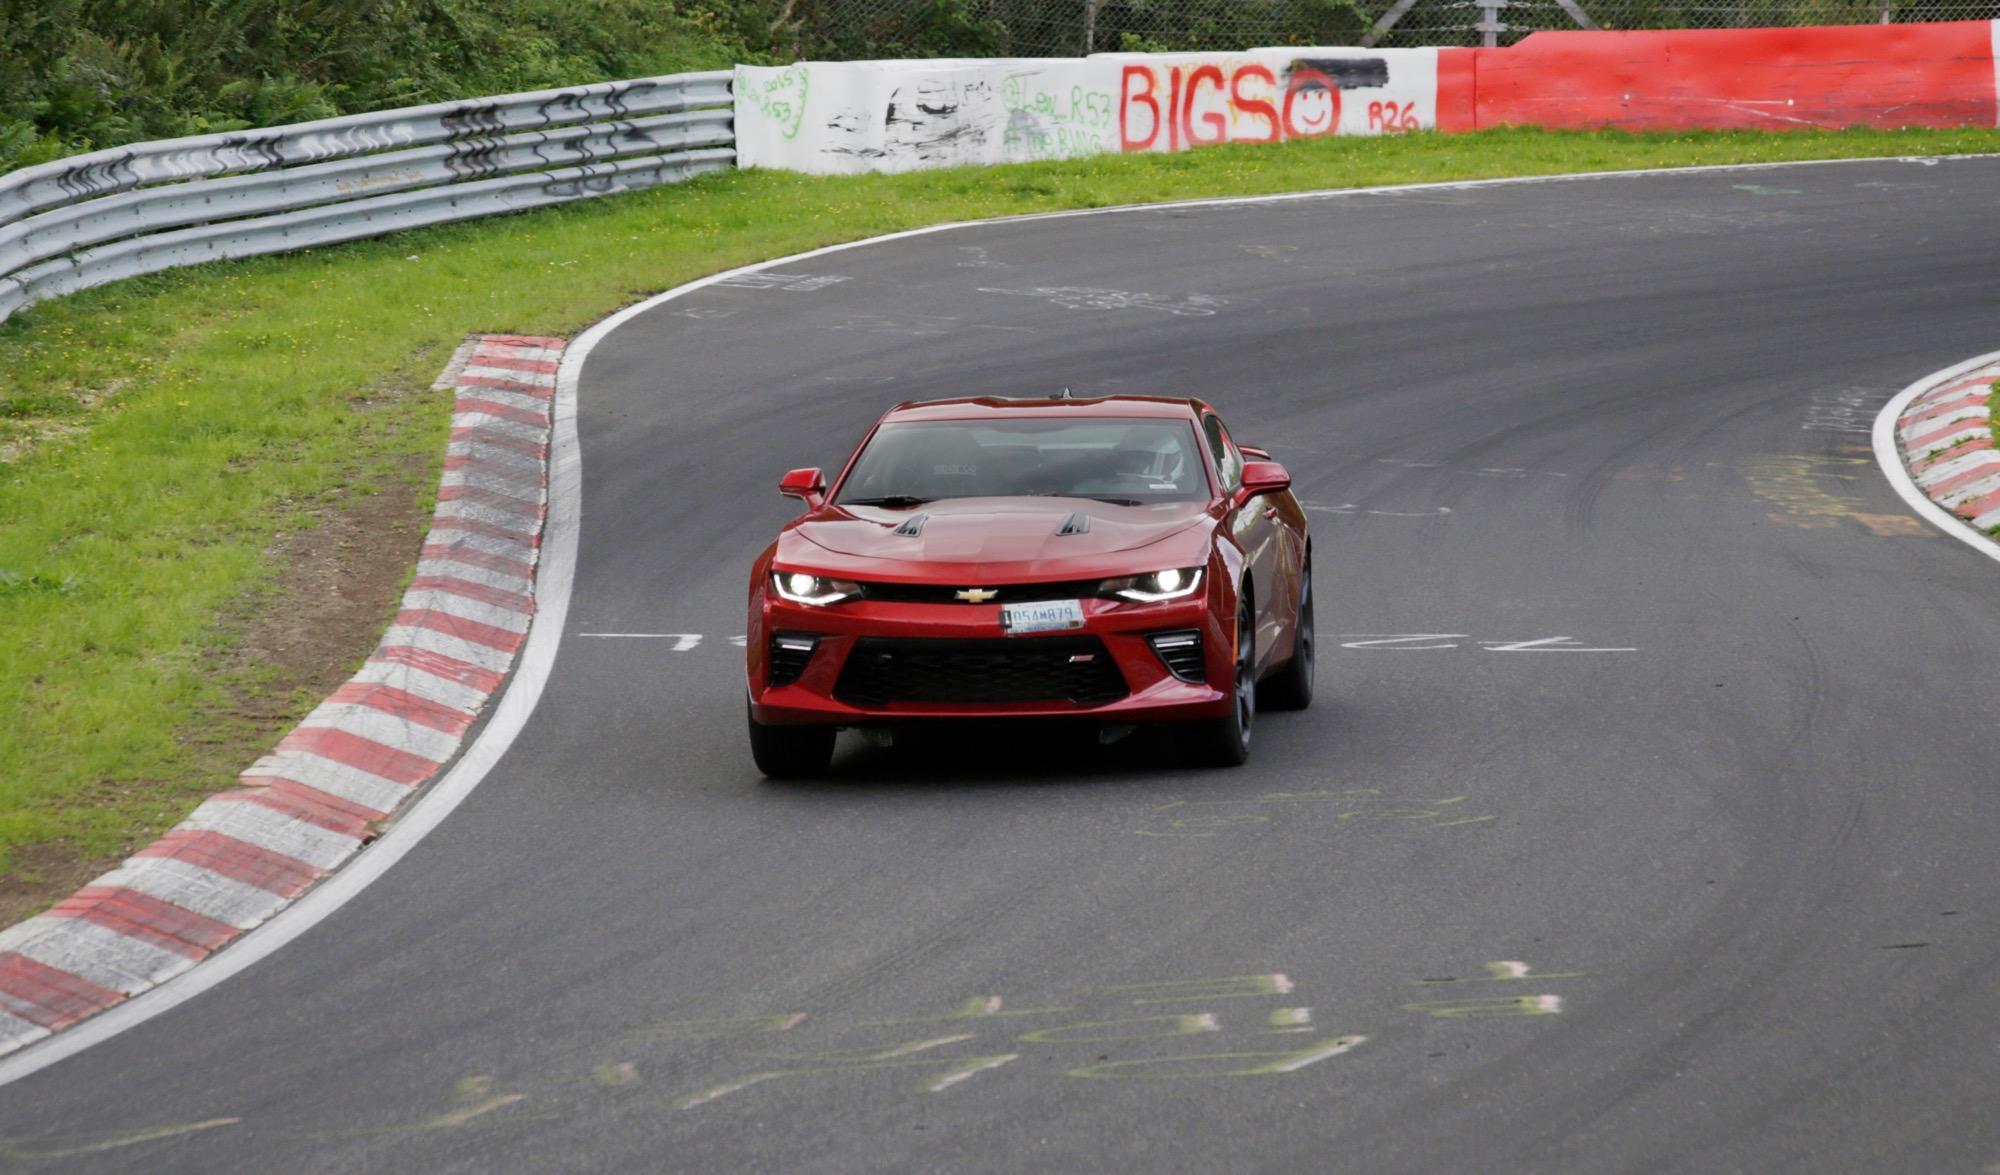 Nurburgring Spy Footage Scoop Alfa Romeo Quadrifolglio